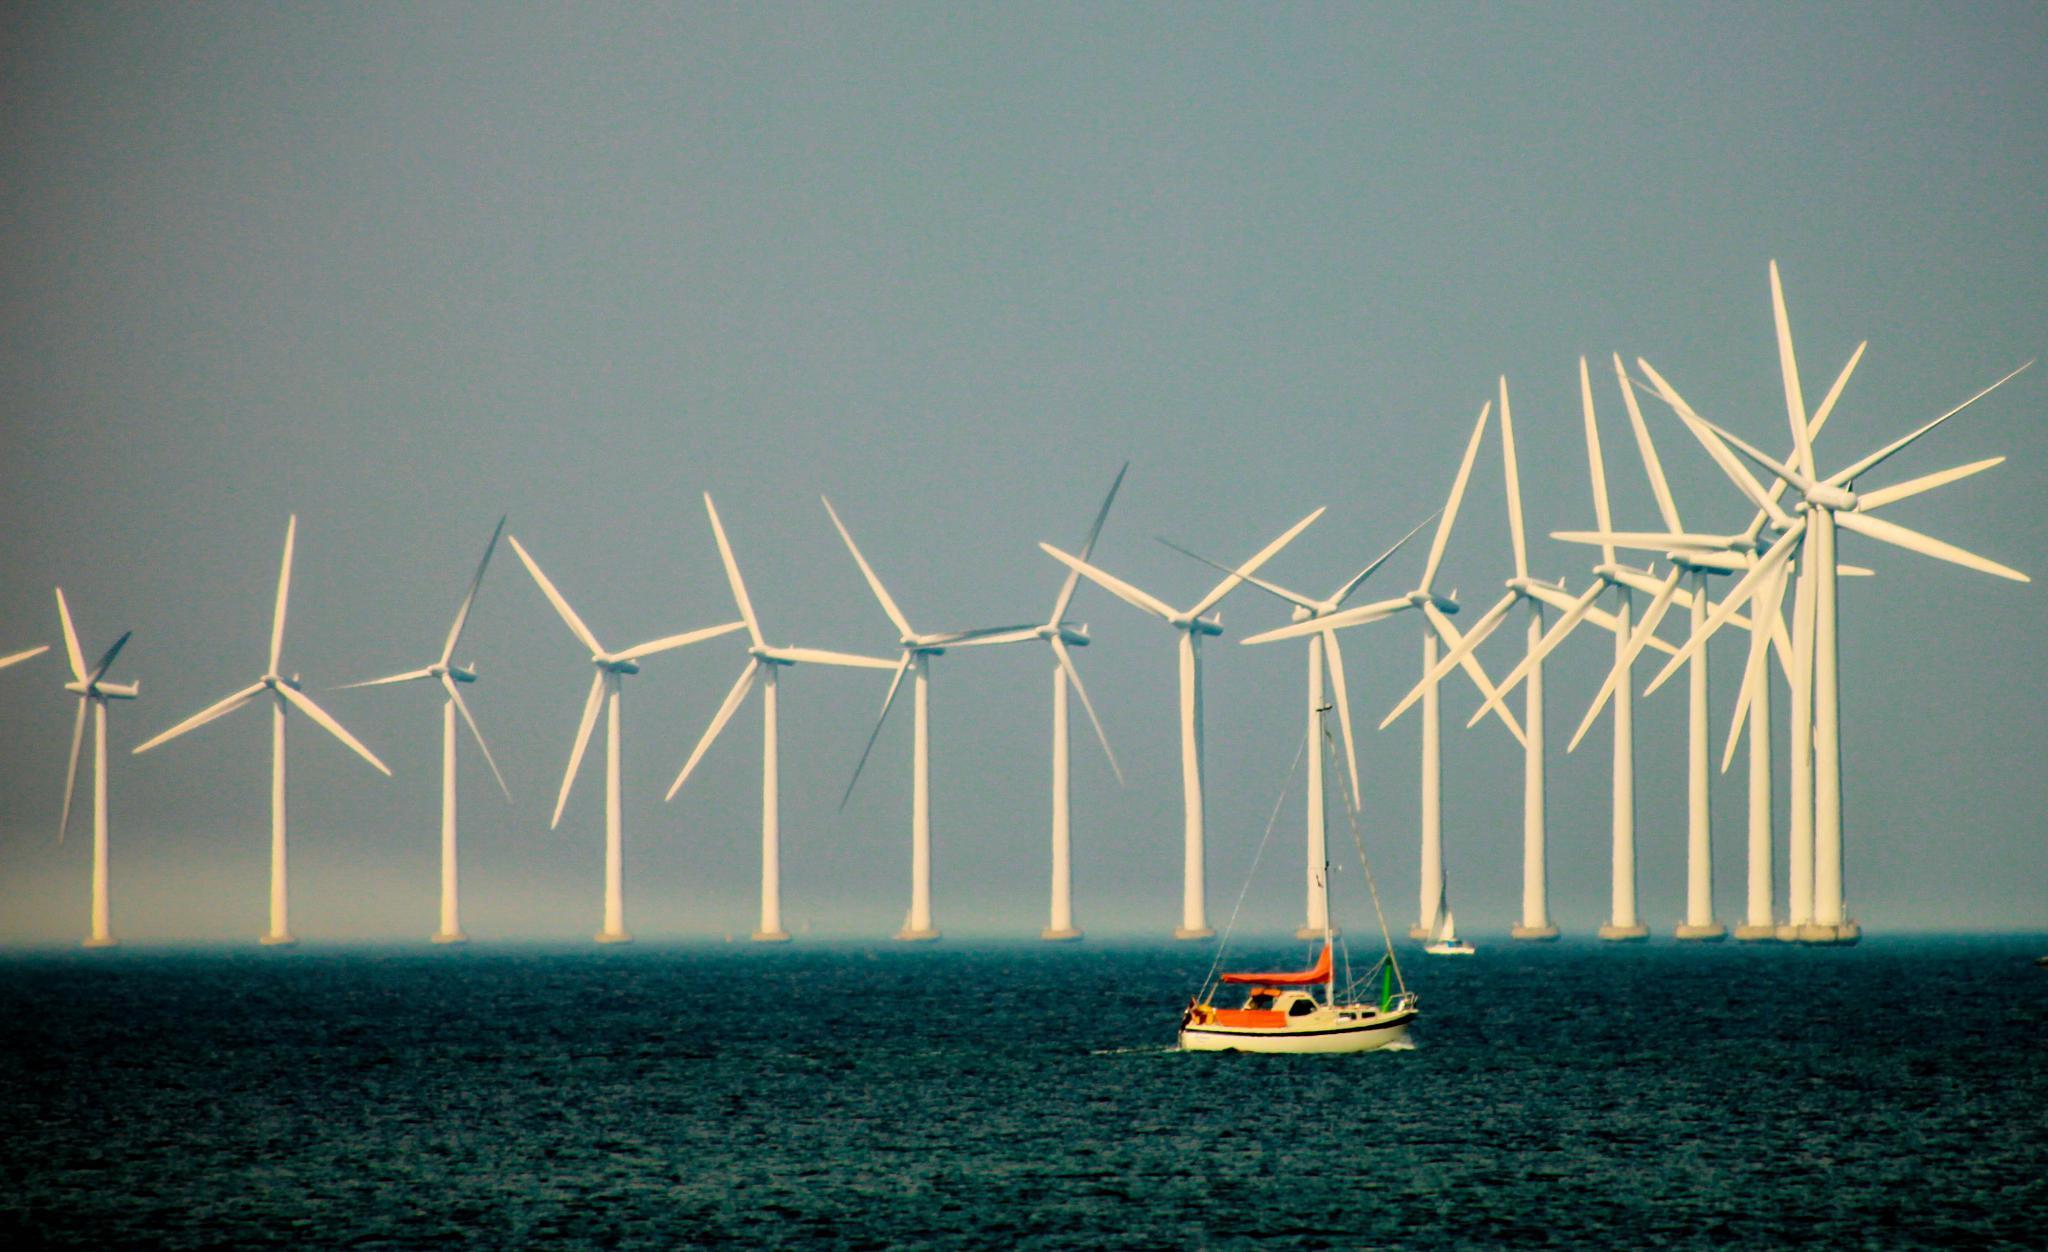 North Sea by Karina Eyre